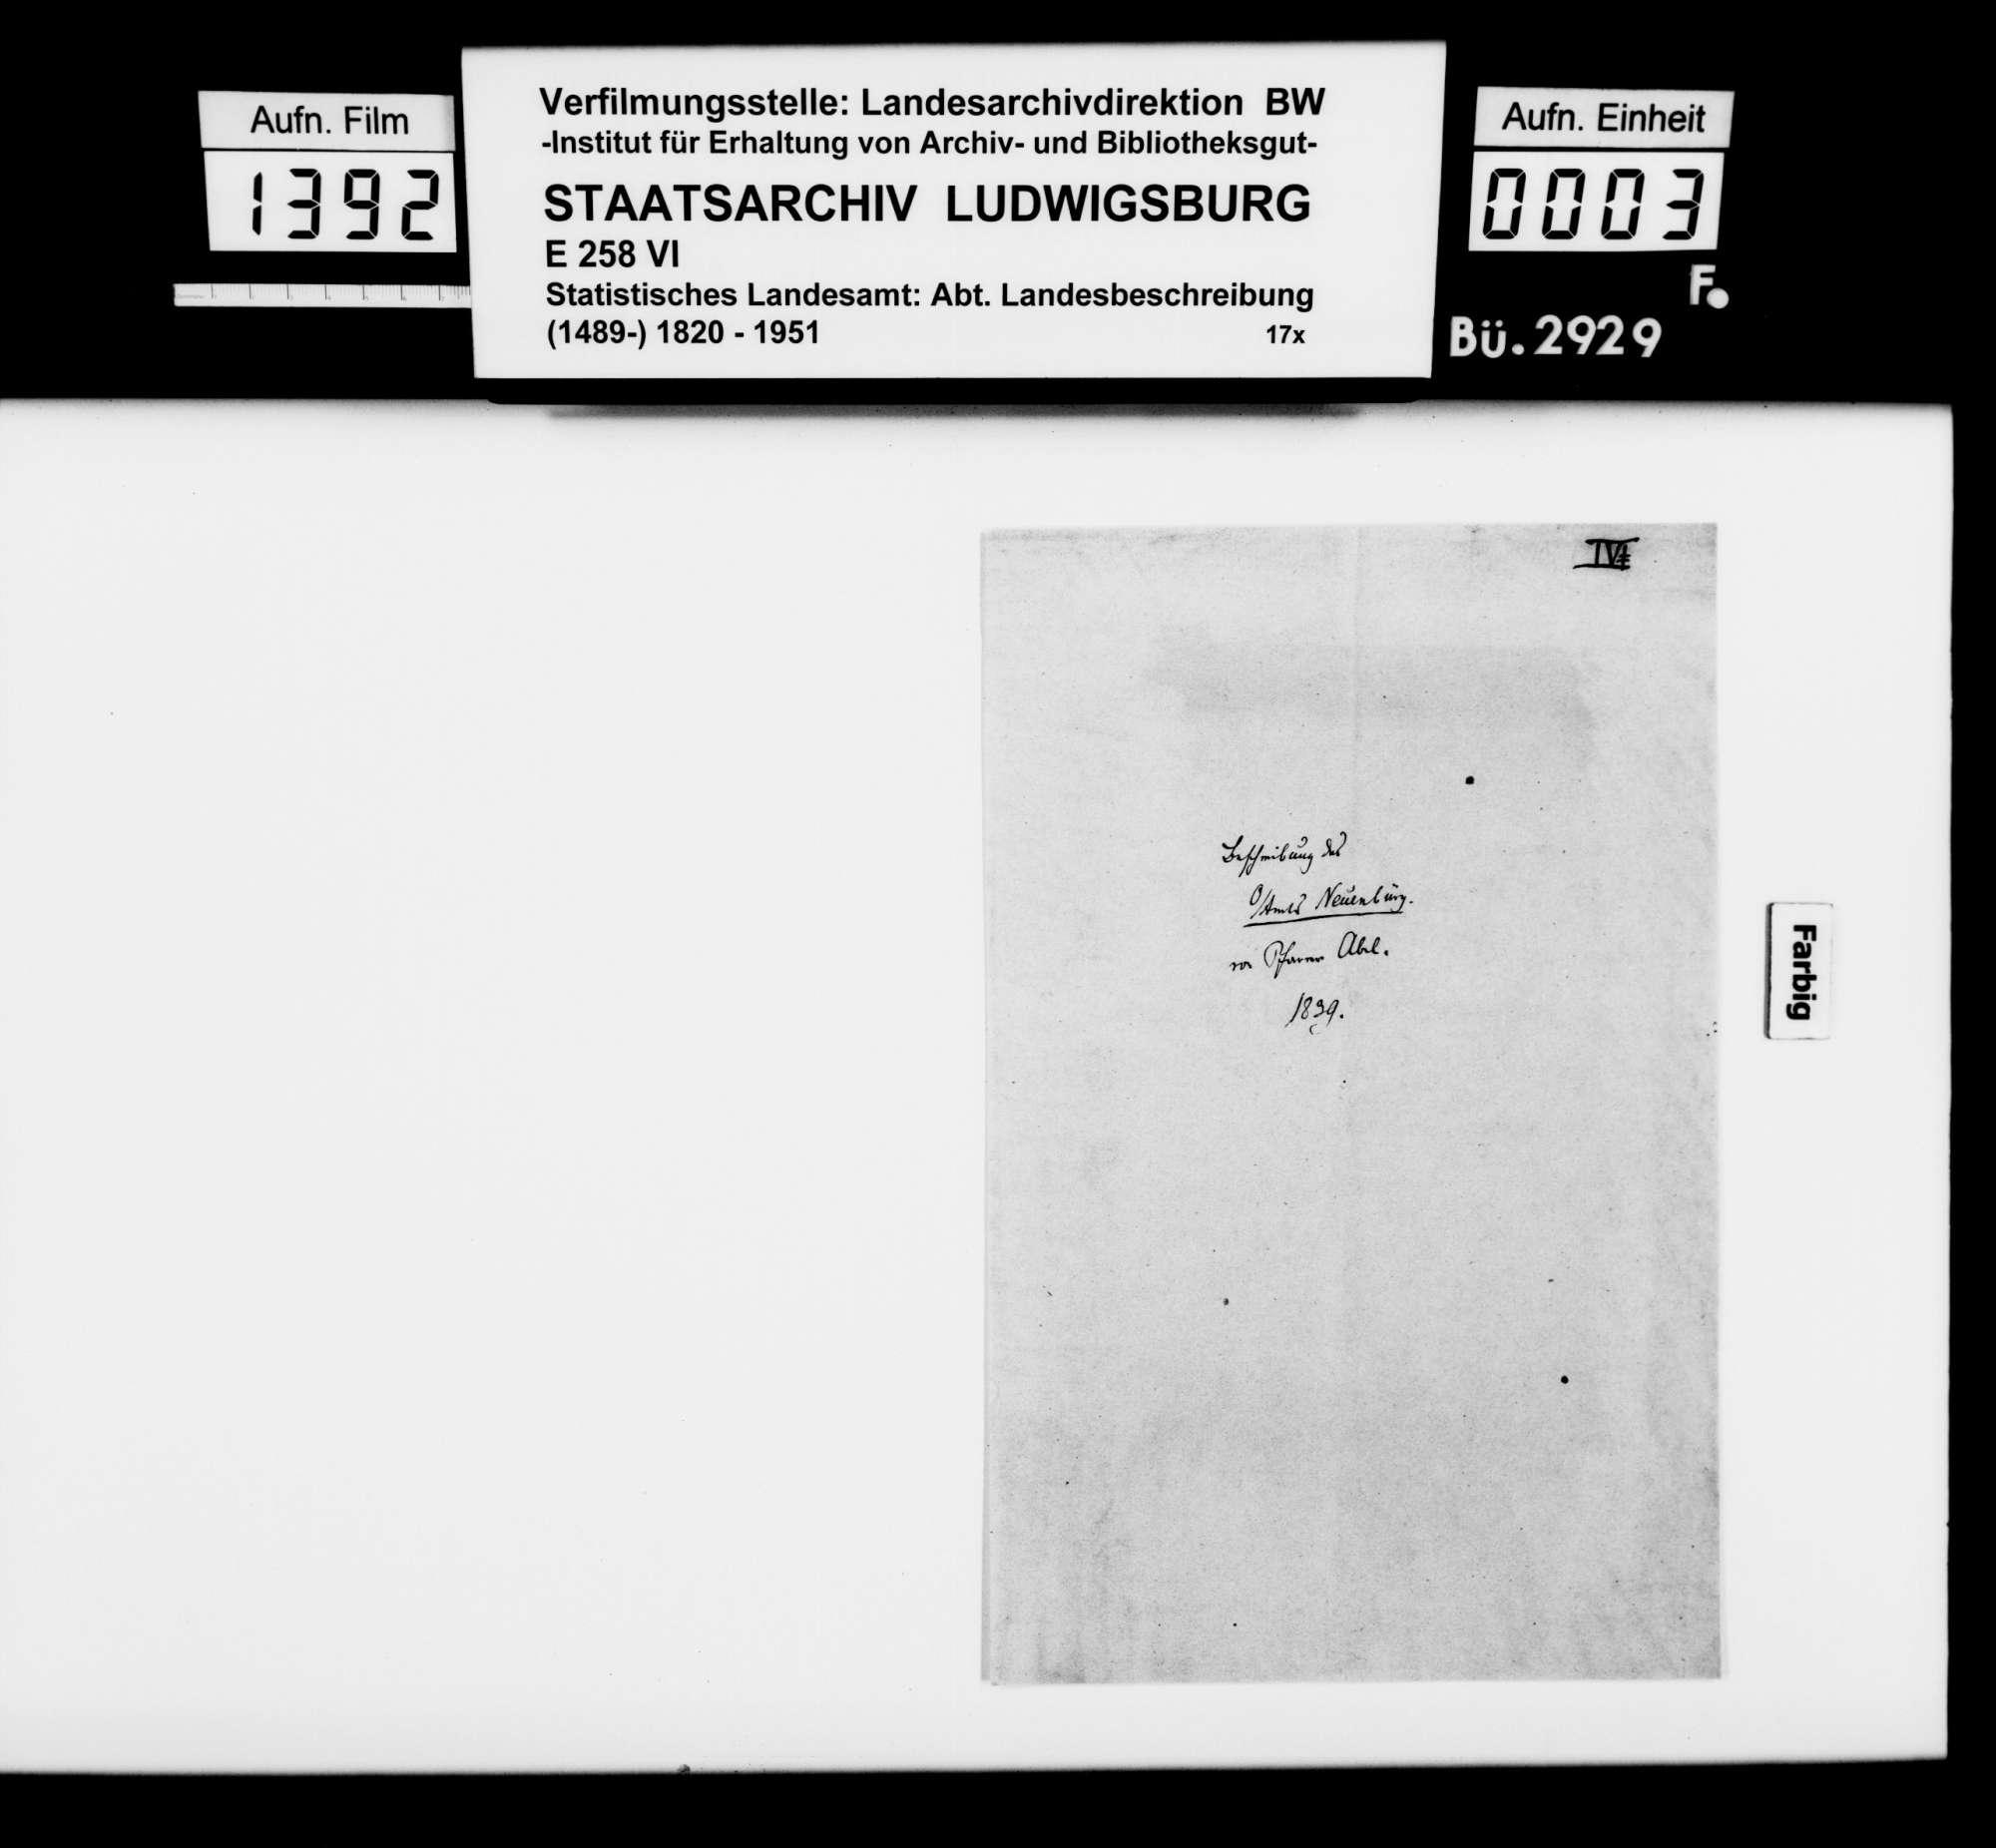 Beiträge des Pfarrers Abel aus Ottenhausen, dann Goldburghausen [Oberamt Neresheim] zur OAB, Bild 2